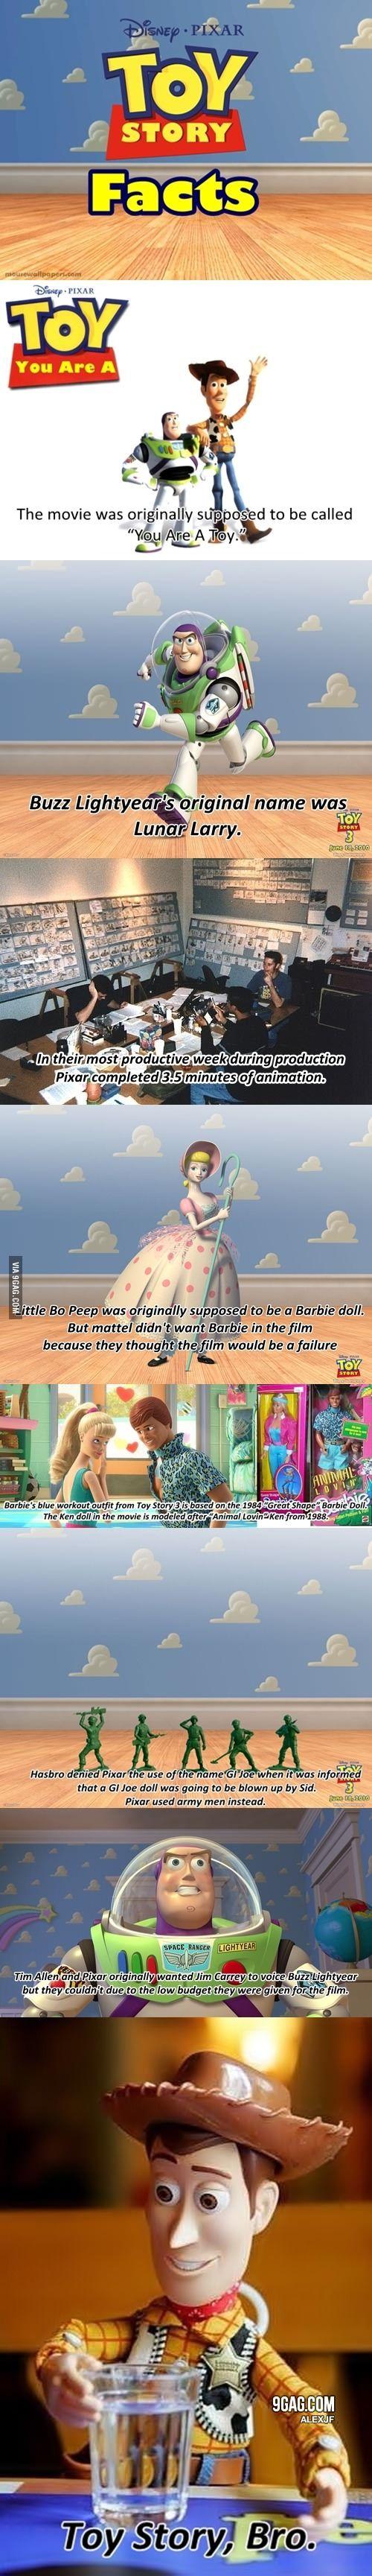 Toy Story, Bro.